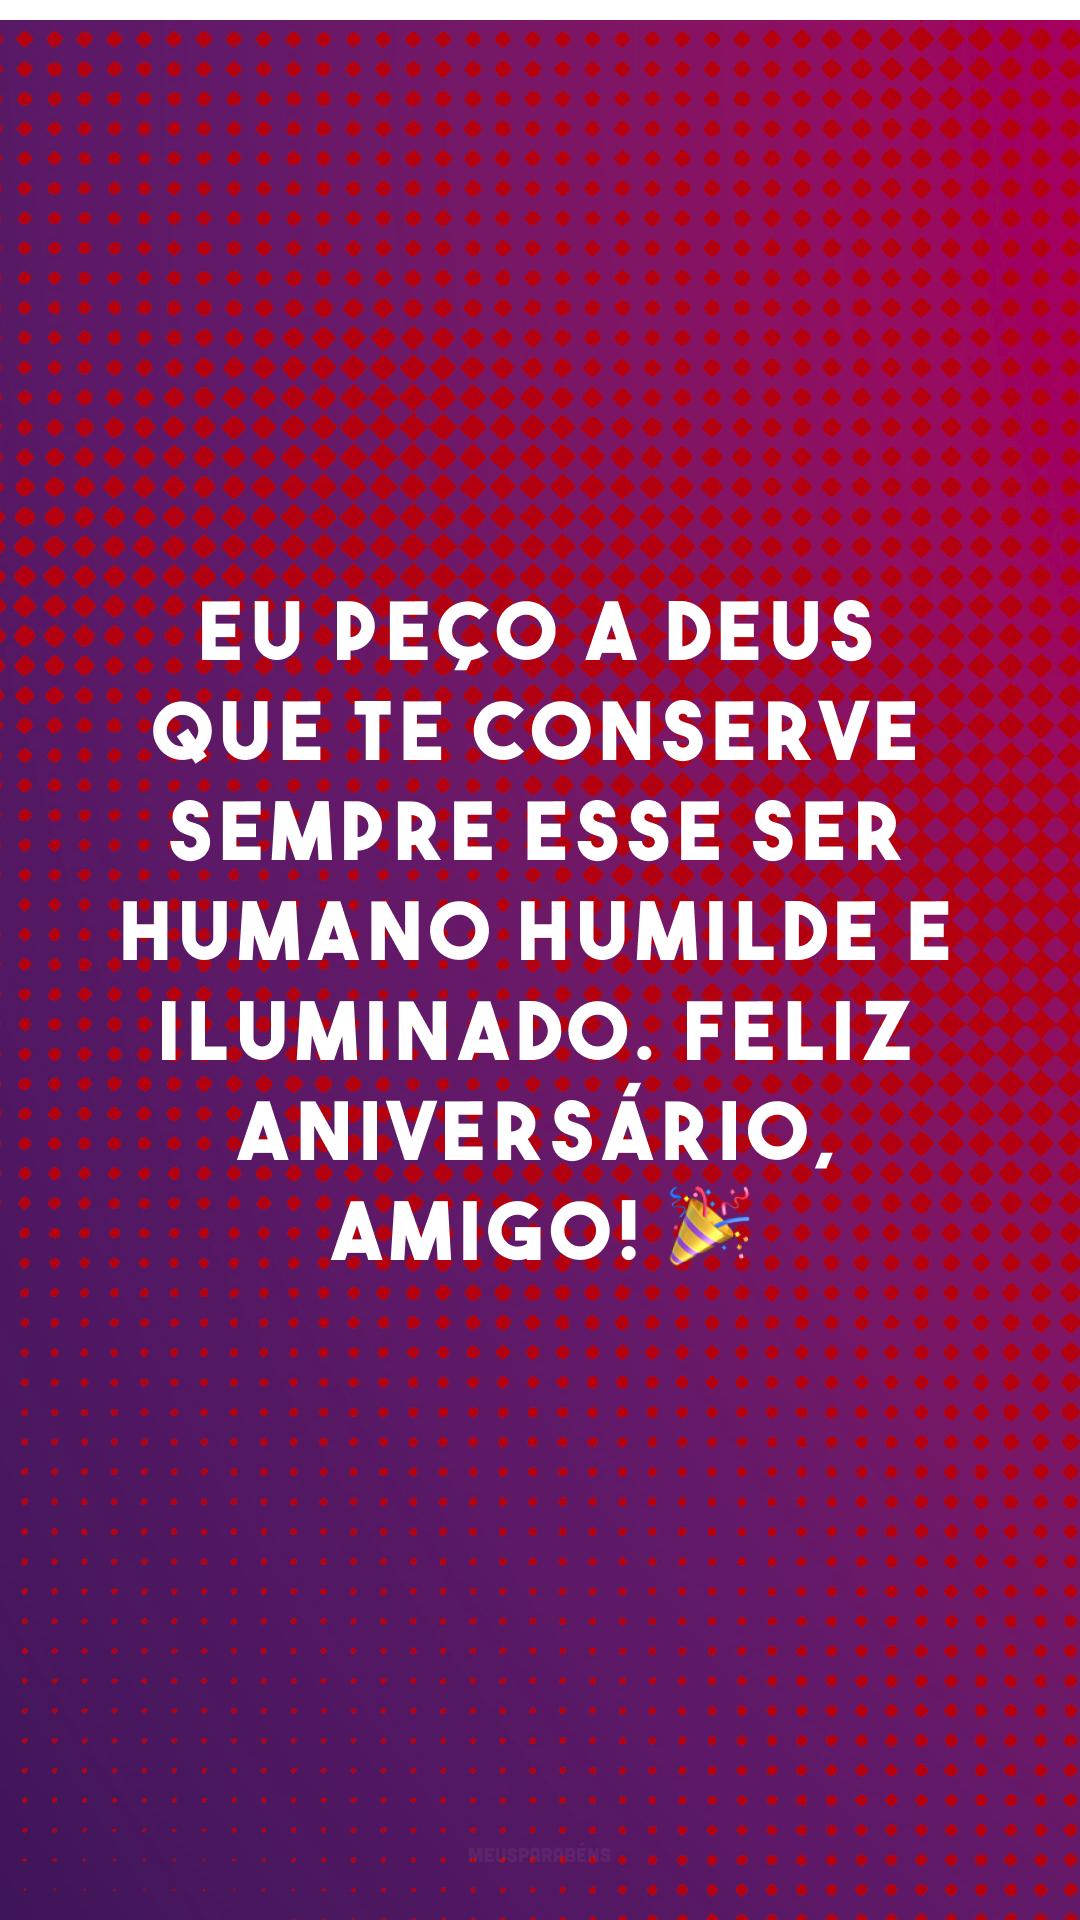 Eu peço a Deus que te conserve sempre esse ser humano humilde e iluminado. Feliz aniversário, amigo! ?